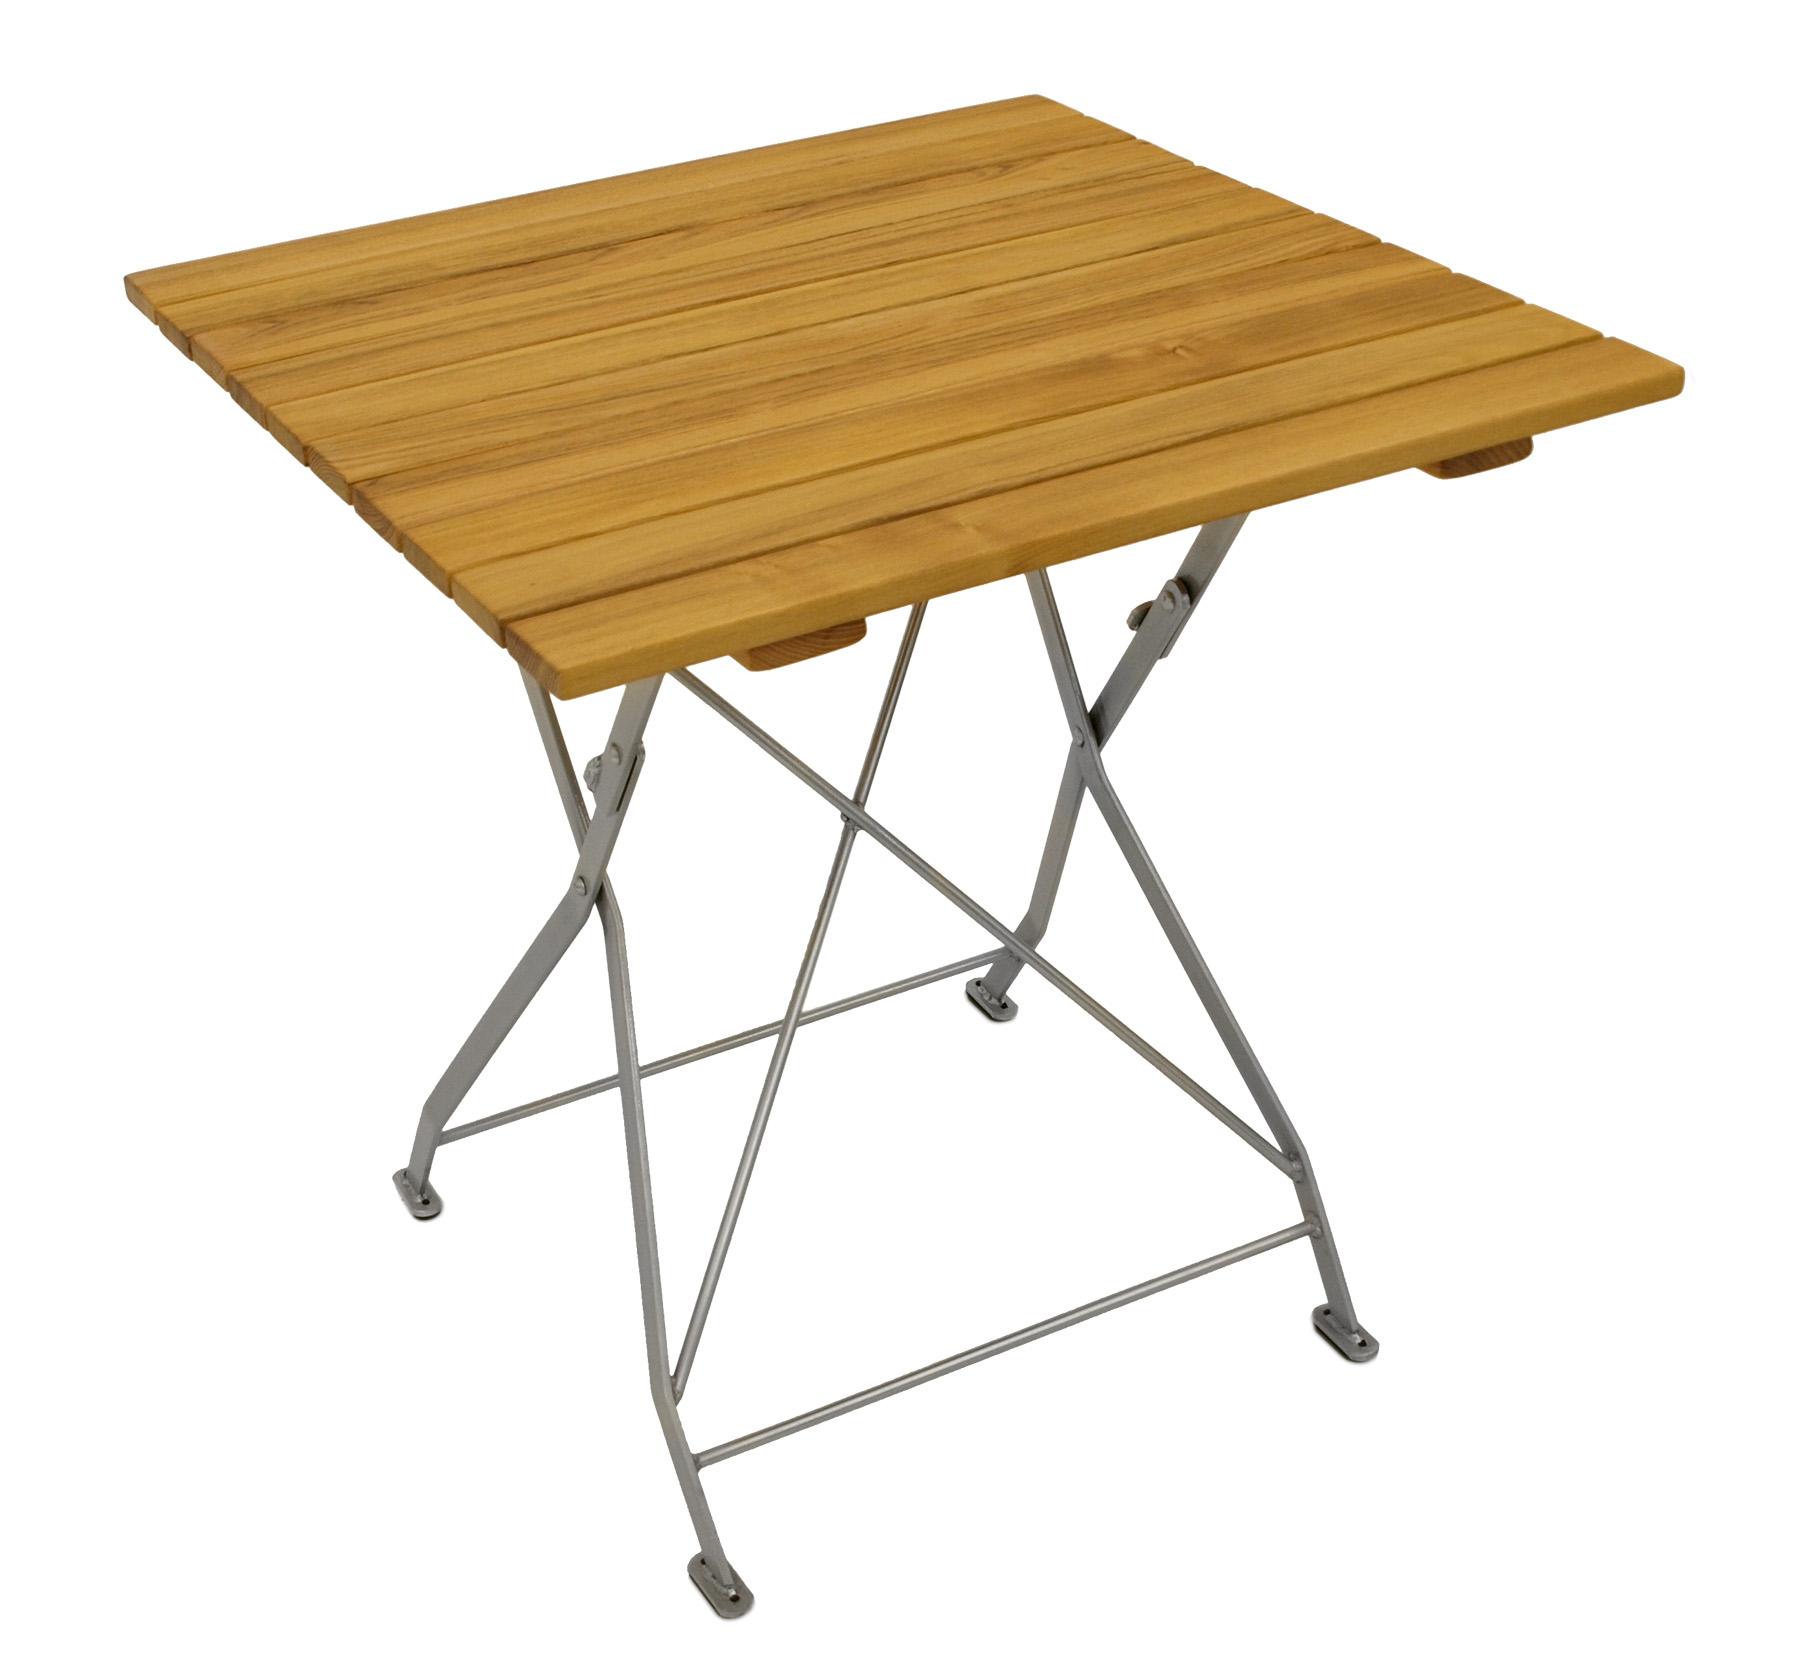 gartentisch klapptisch biergartentisch biergarten m bel tisch bad t lz 77x77cm ebay. Black Bedroom Furniture Sets. Home Design Ideas